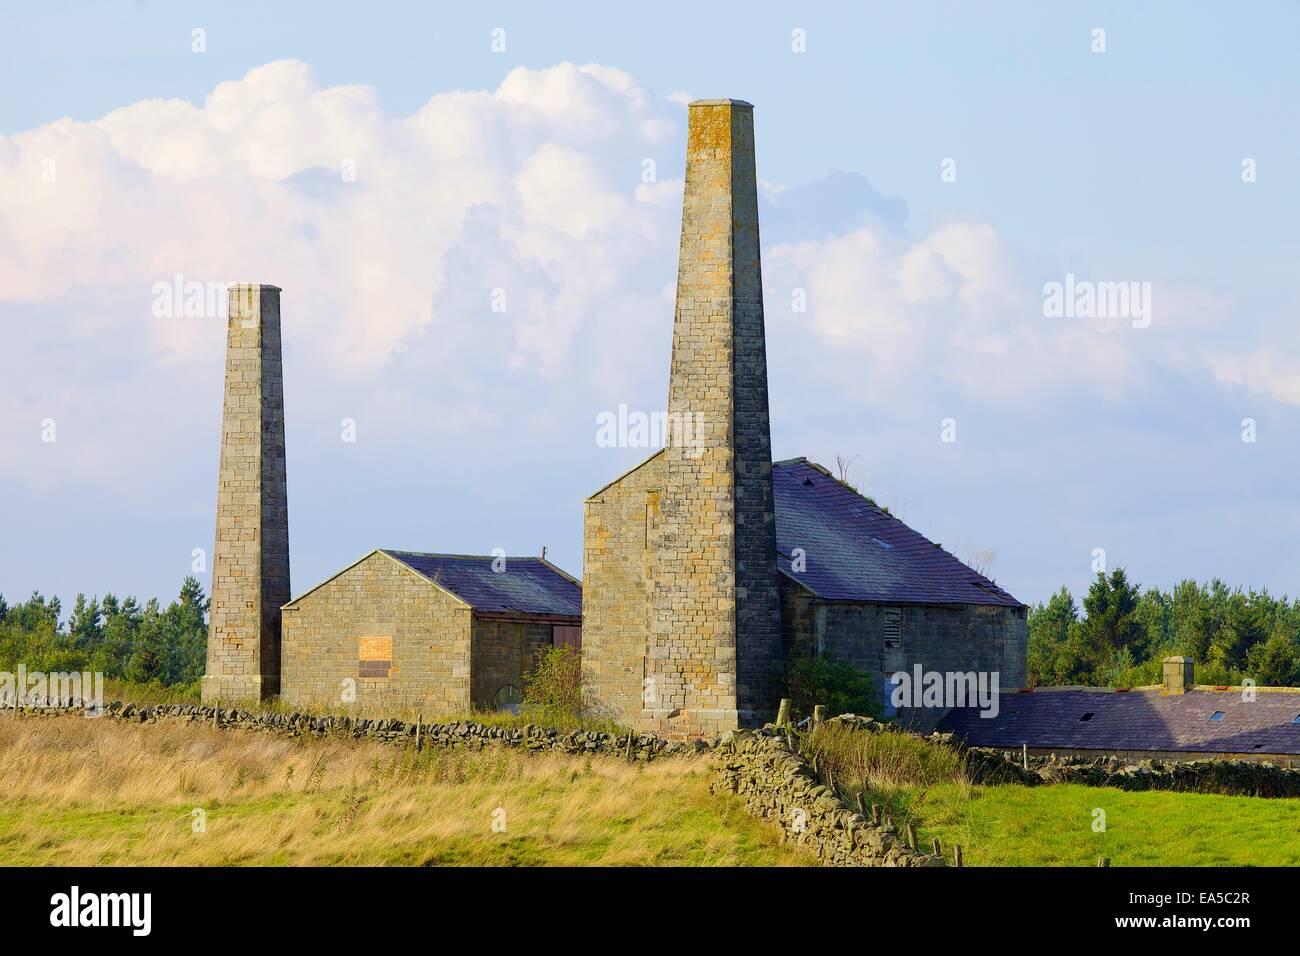 La minería de plomo antiguas chimeneas y edificios, granja, Stublick Stublick Moor, Allendale Town, Northumberland, Imagen De Stock